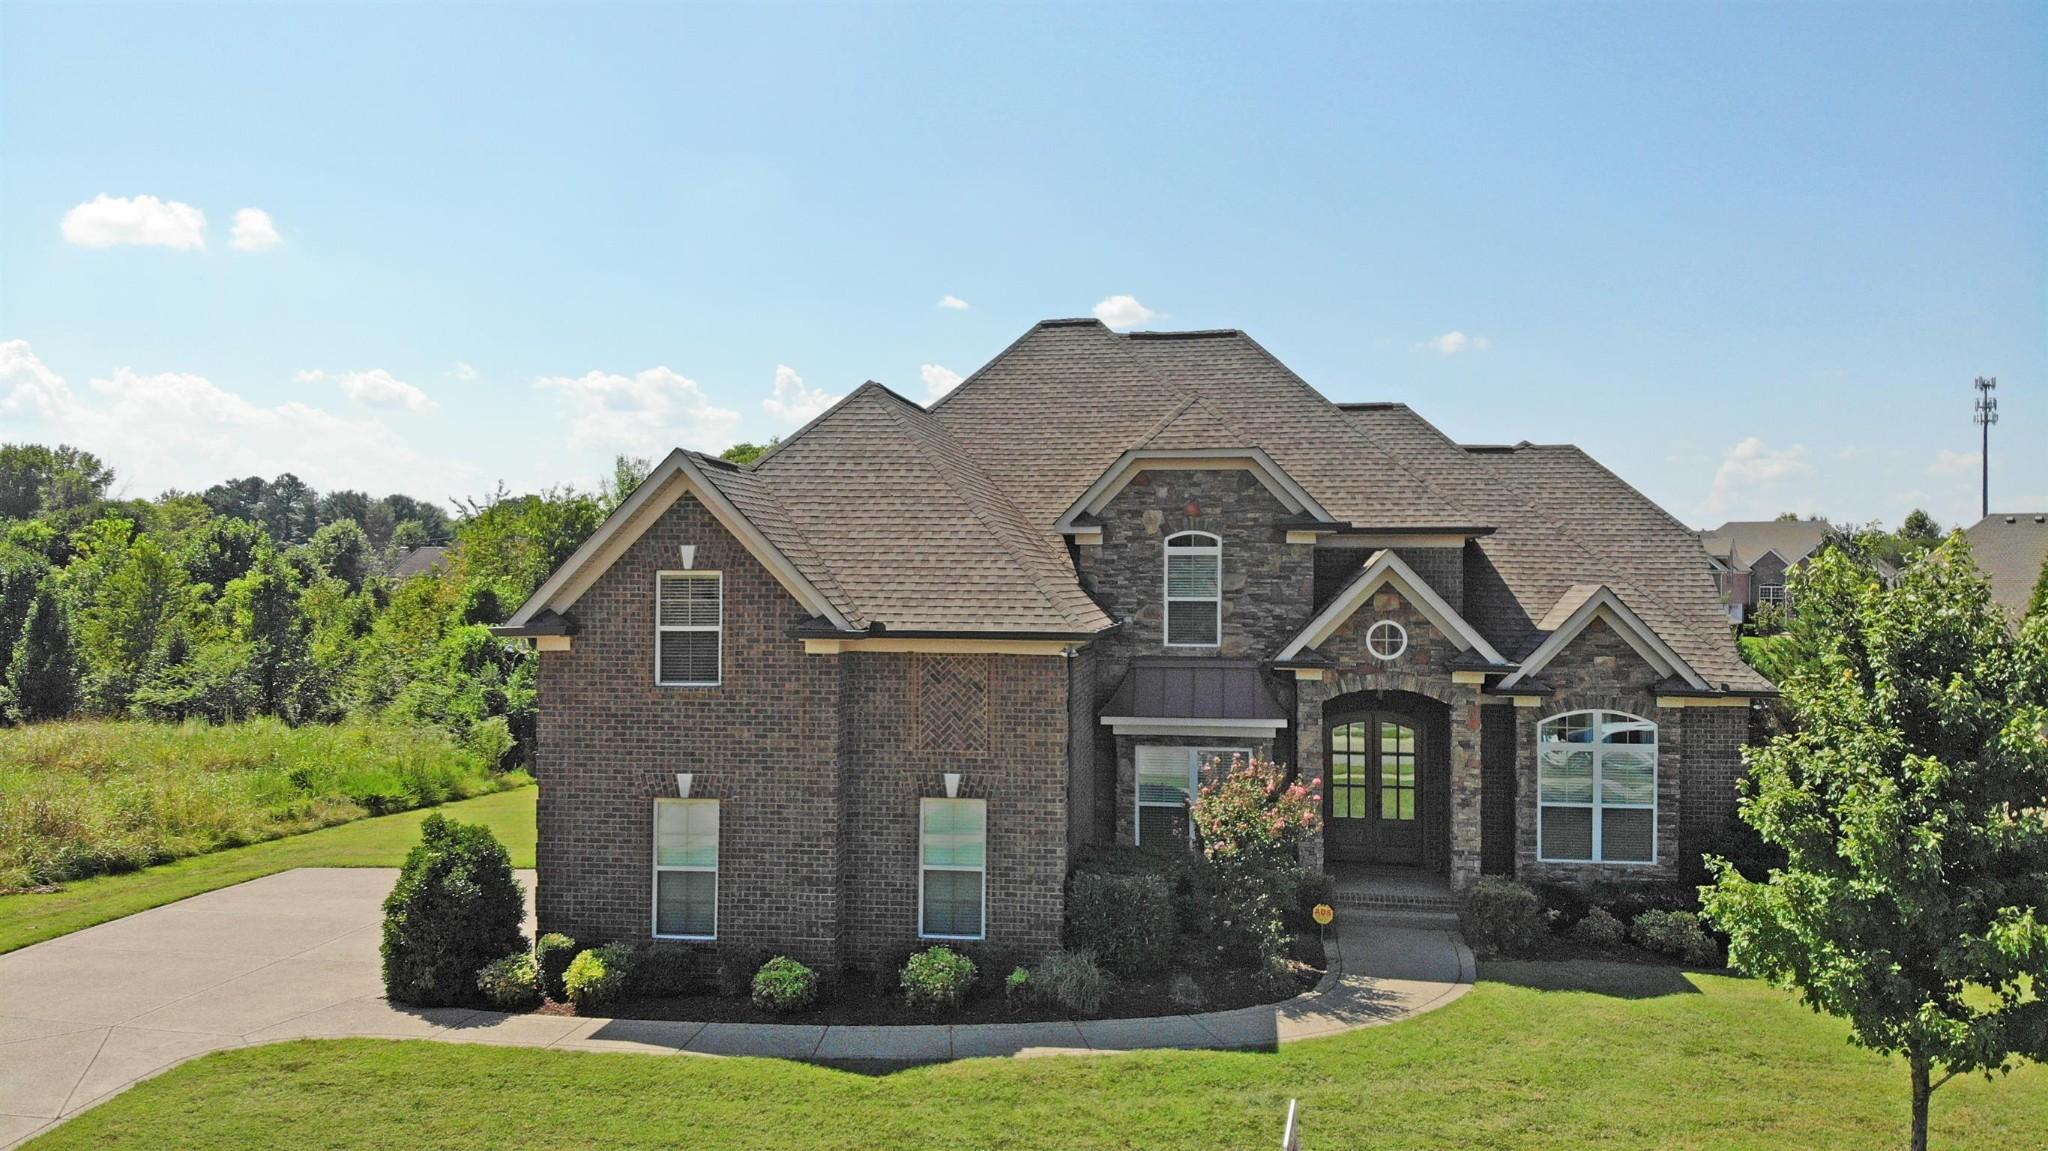 104 Scarsdale Dr S, Hendersonville, TN 37075 - Hendersonville, TN real estate listing